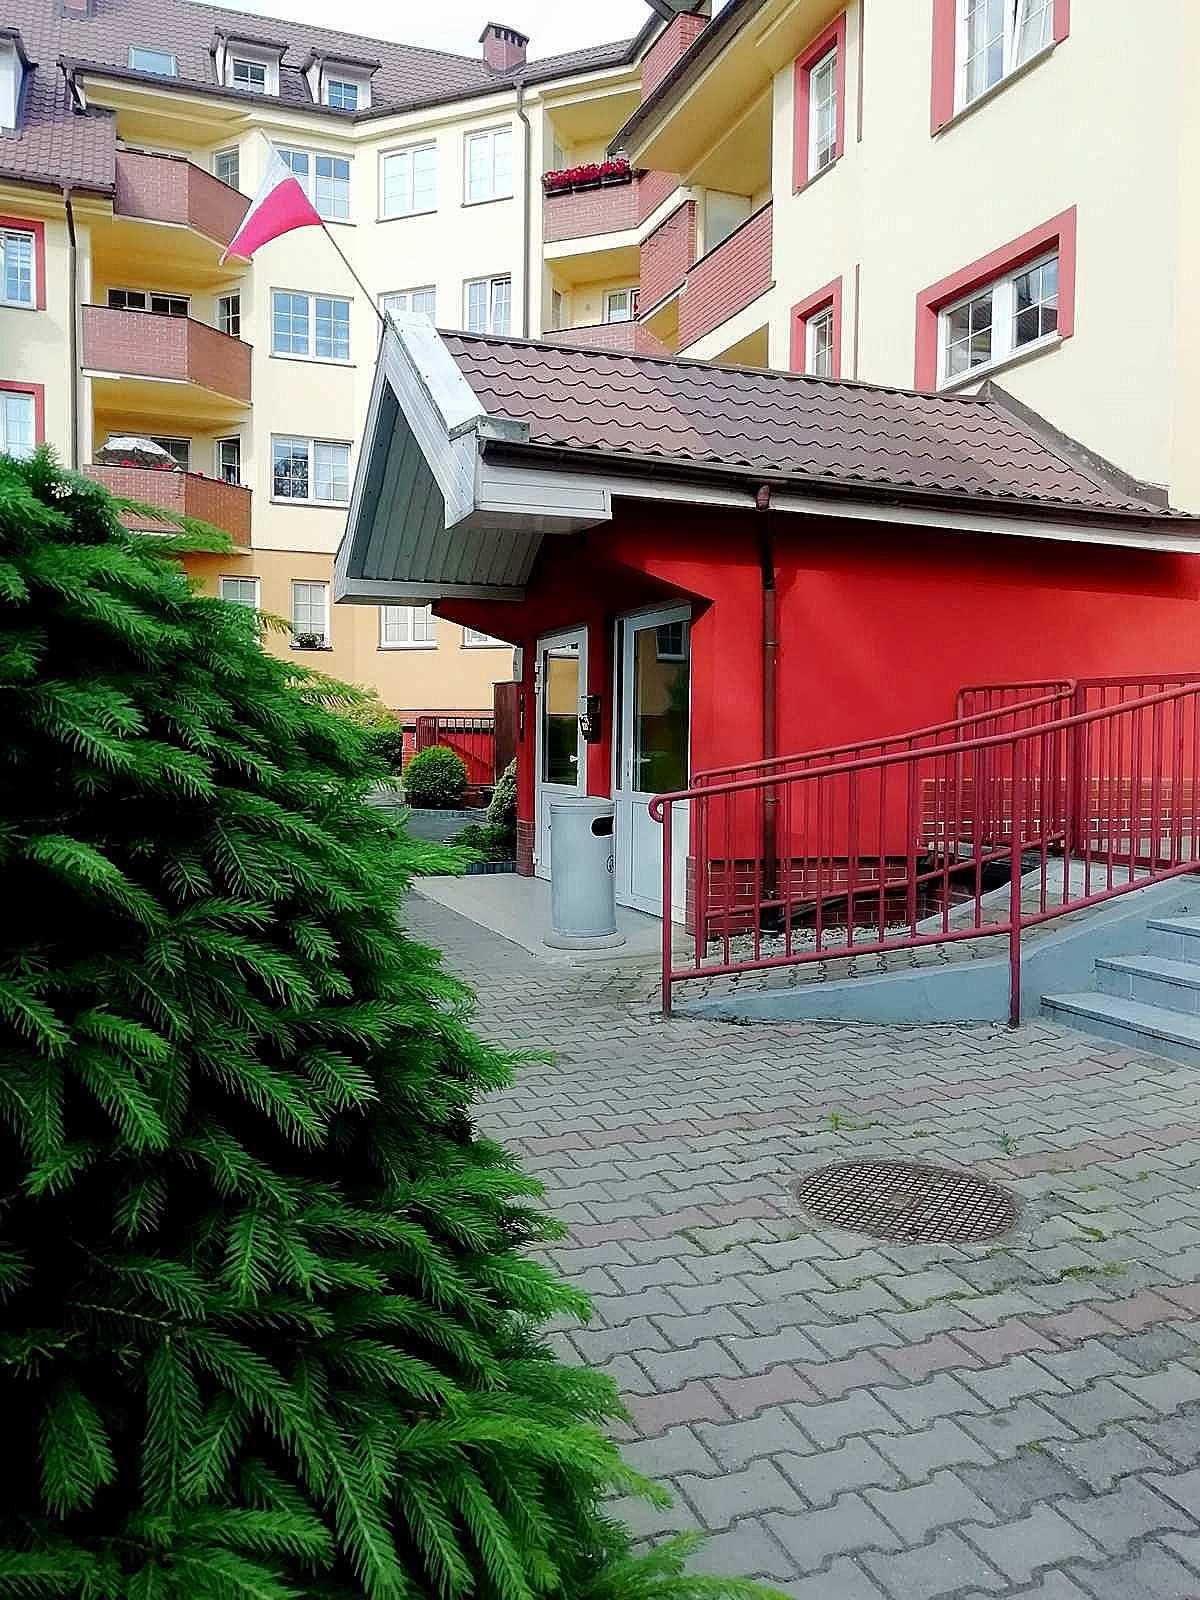 wejście apartamentu fabryka endorfin w kłodzku/entrance of apartment Fabryka Endorfin Klodzko